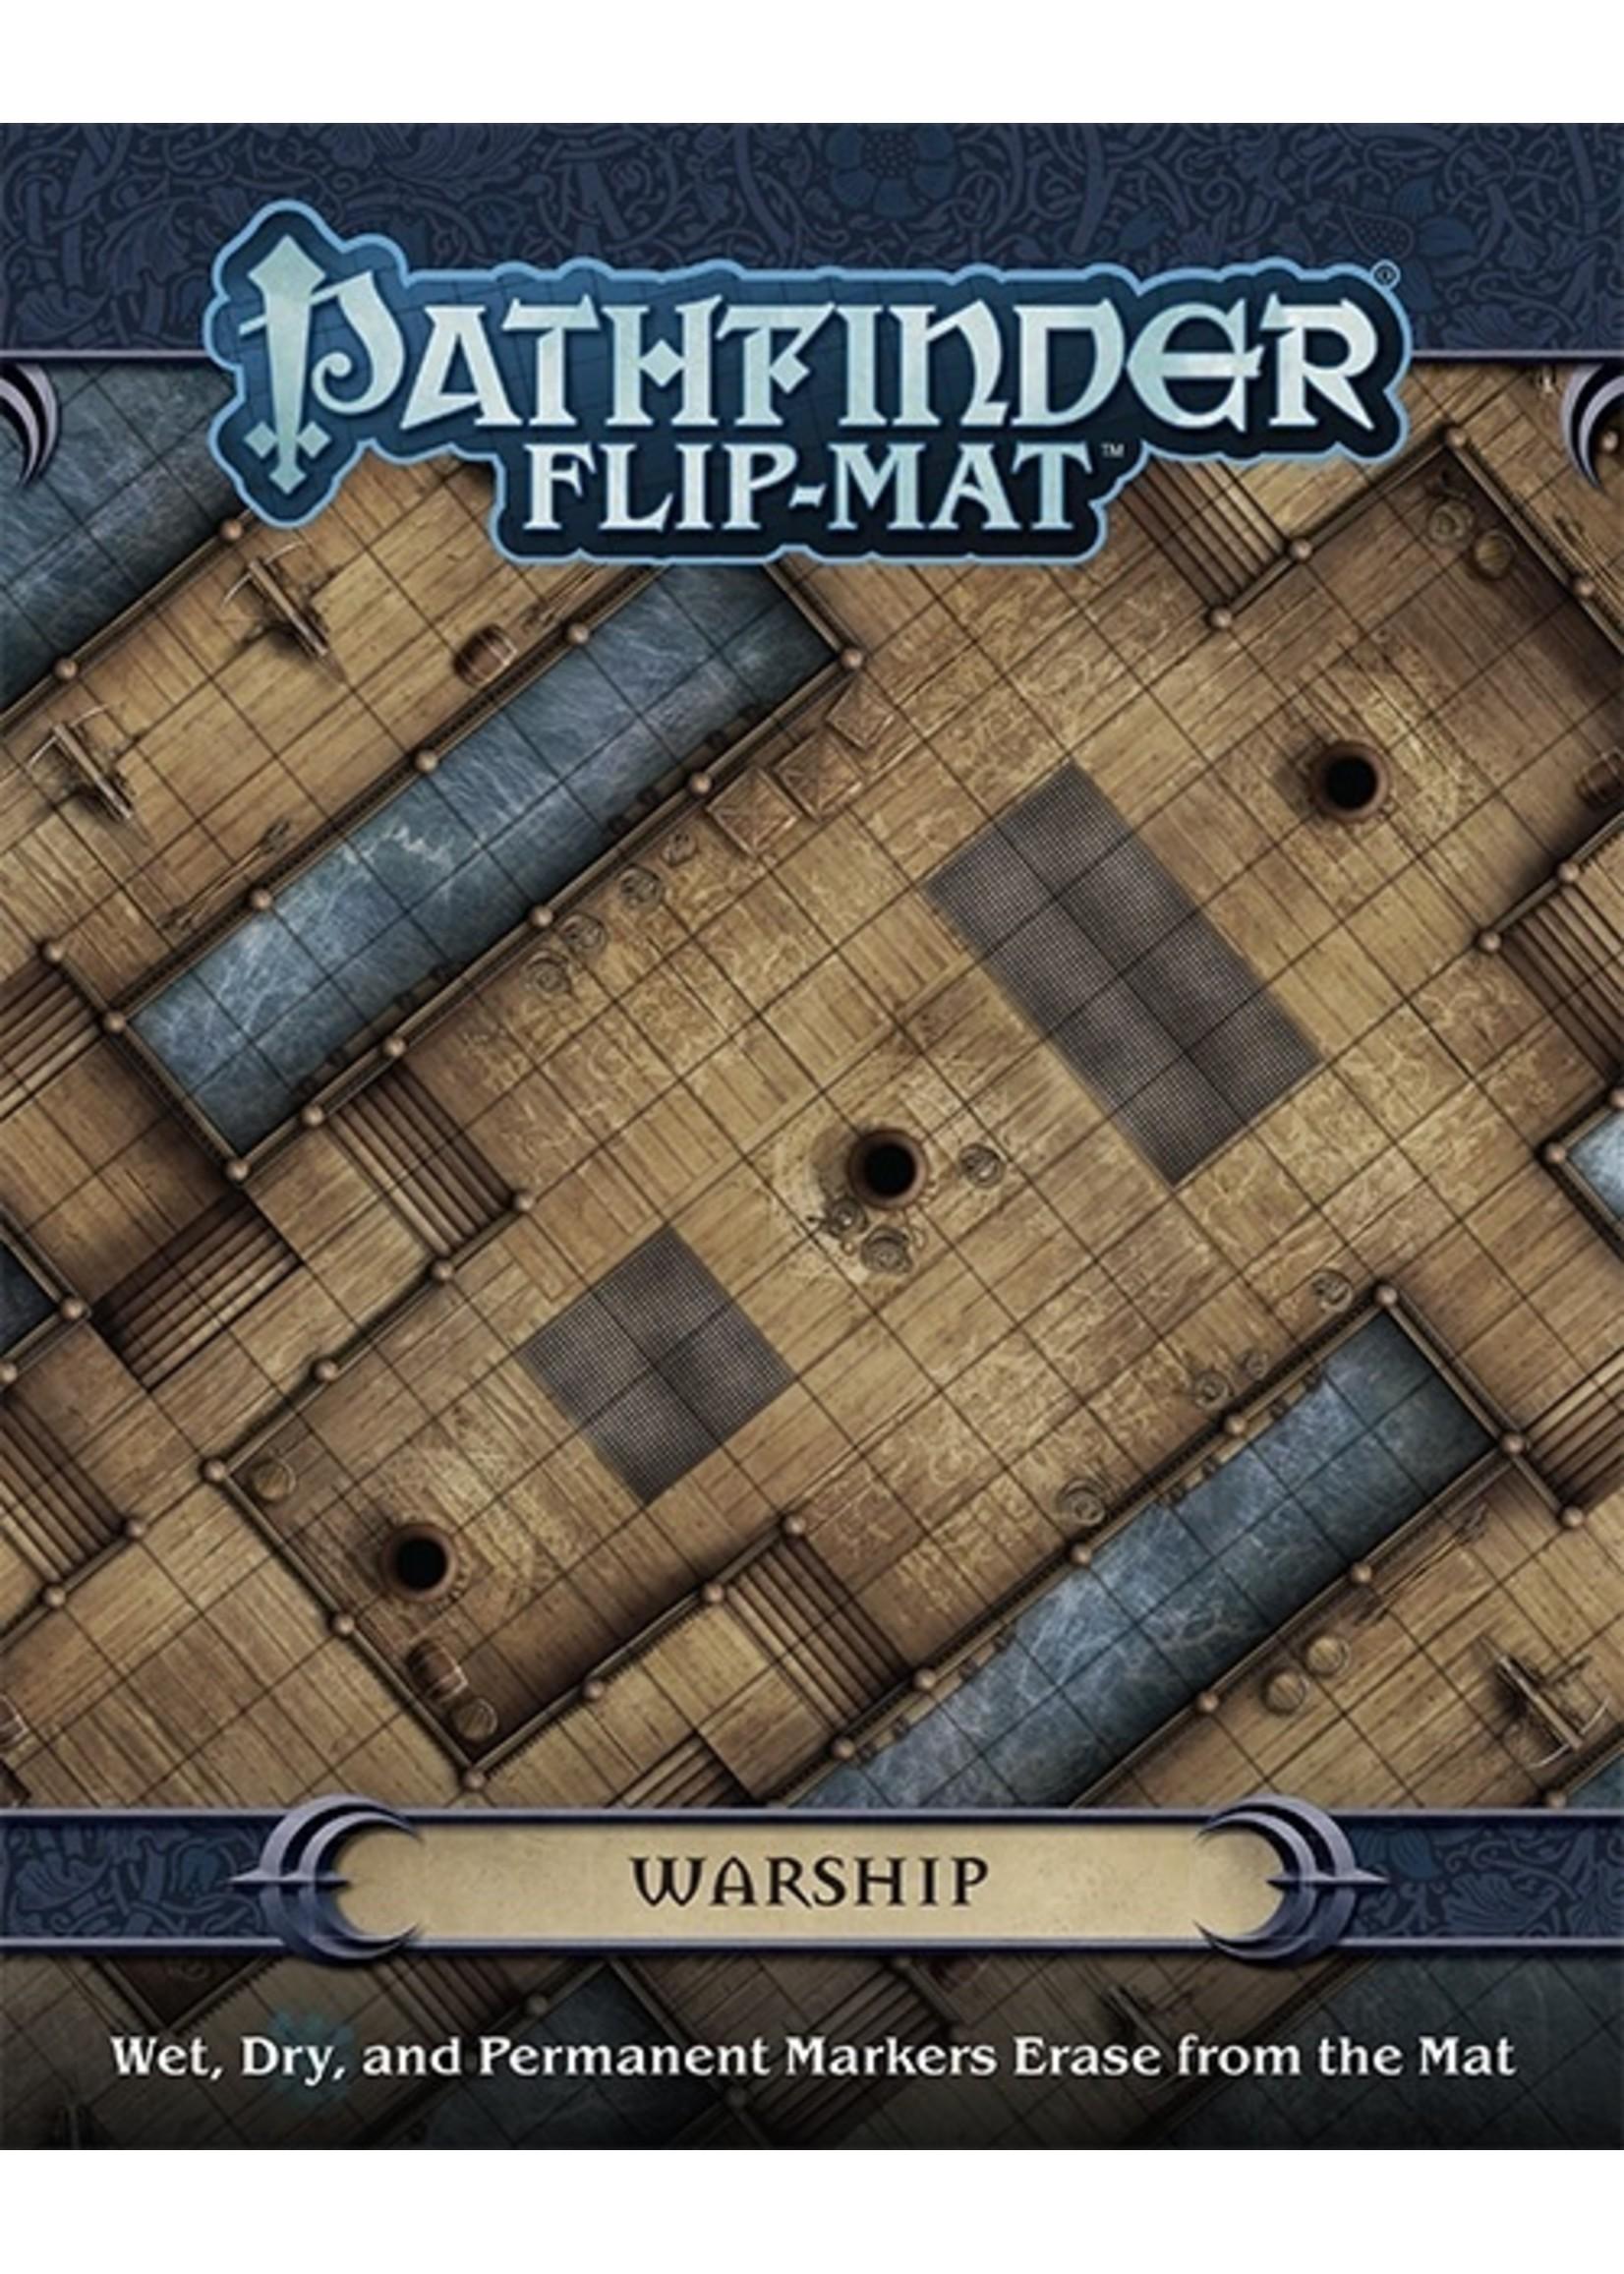 Pathfinder RPG: Flip-Mat - Warship